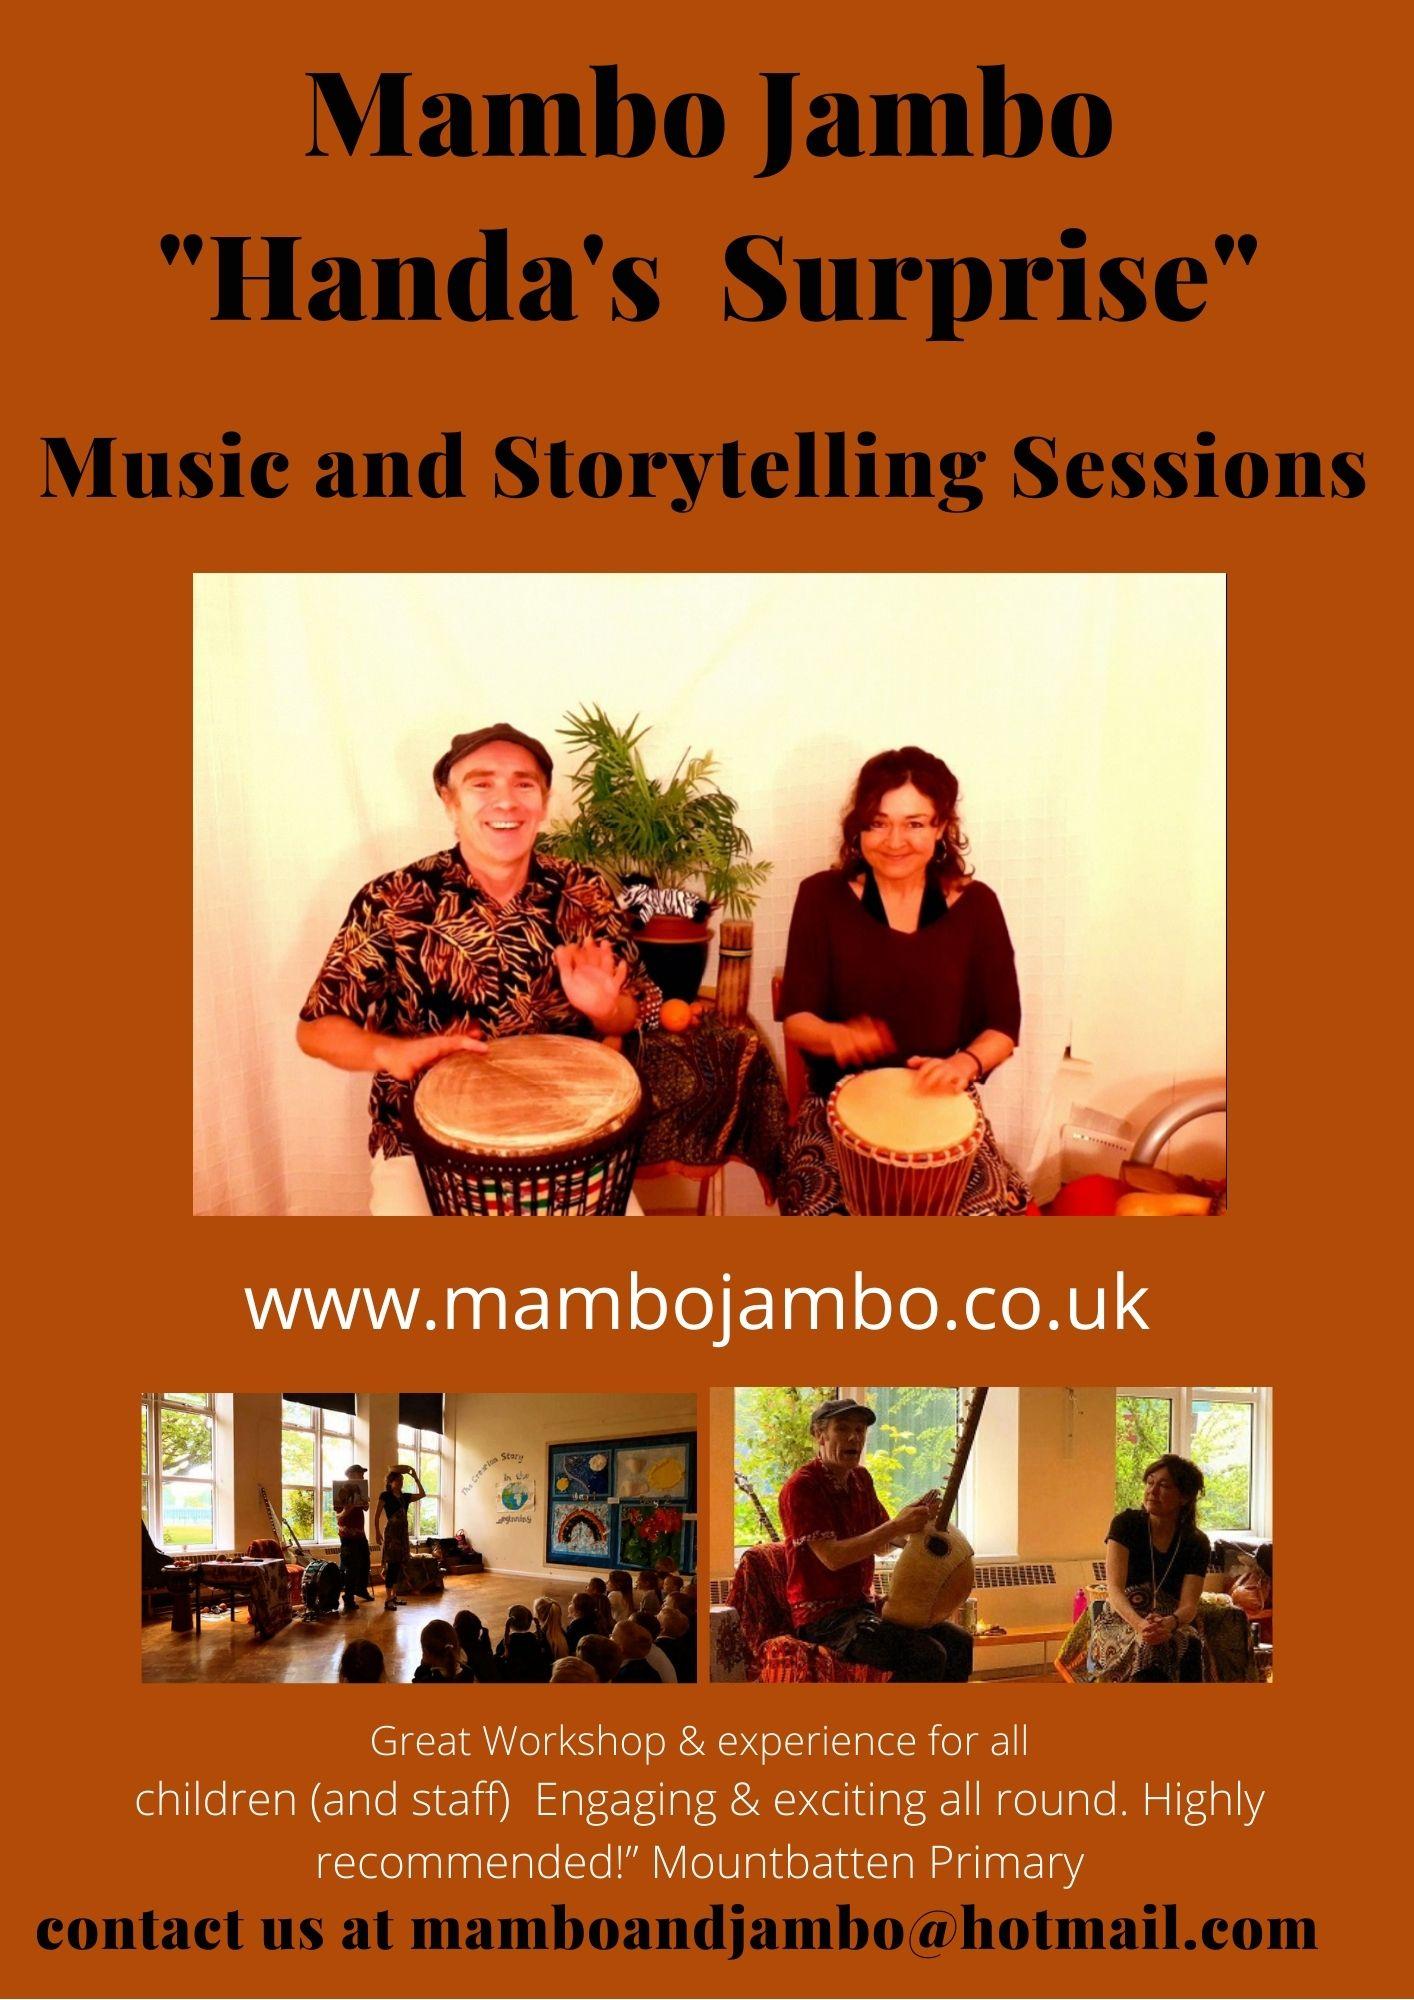 Mambo Jambo Handa's Surprise Music and Storytelling flyer